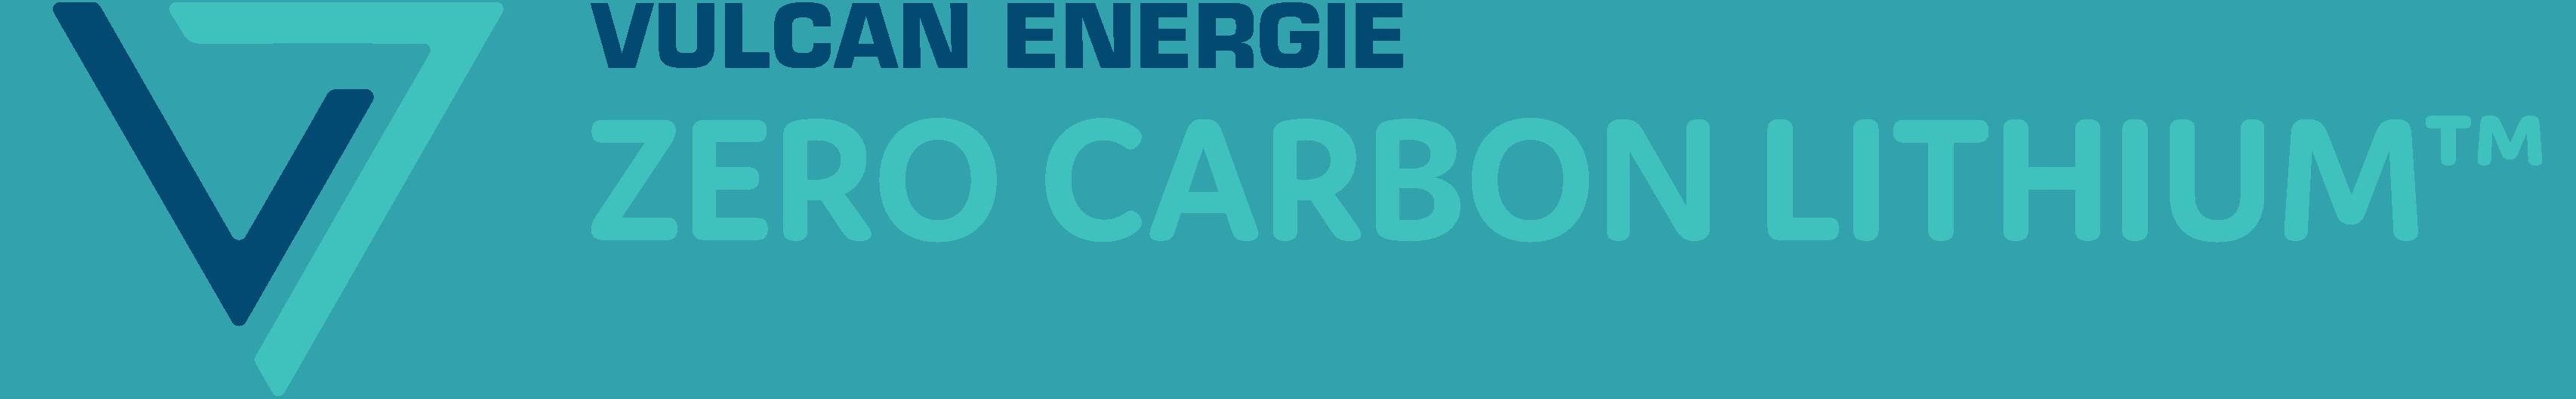 Vulcan Energie Ressourcen